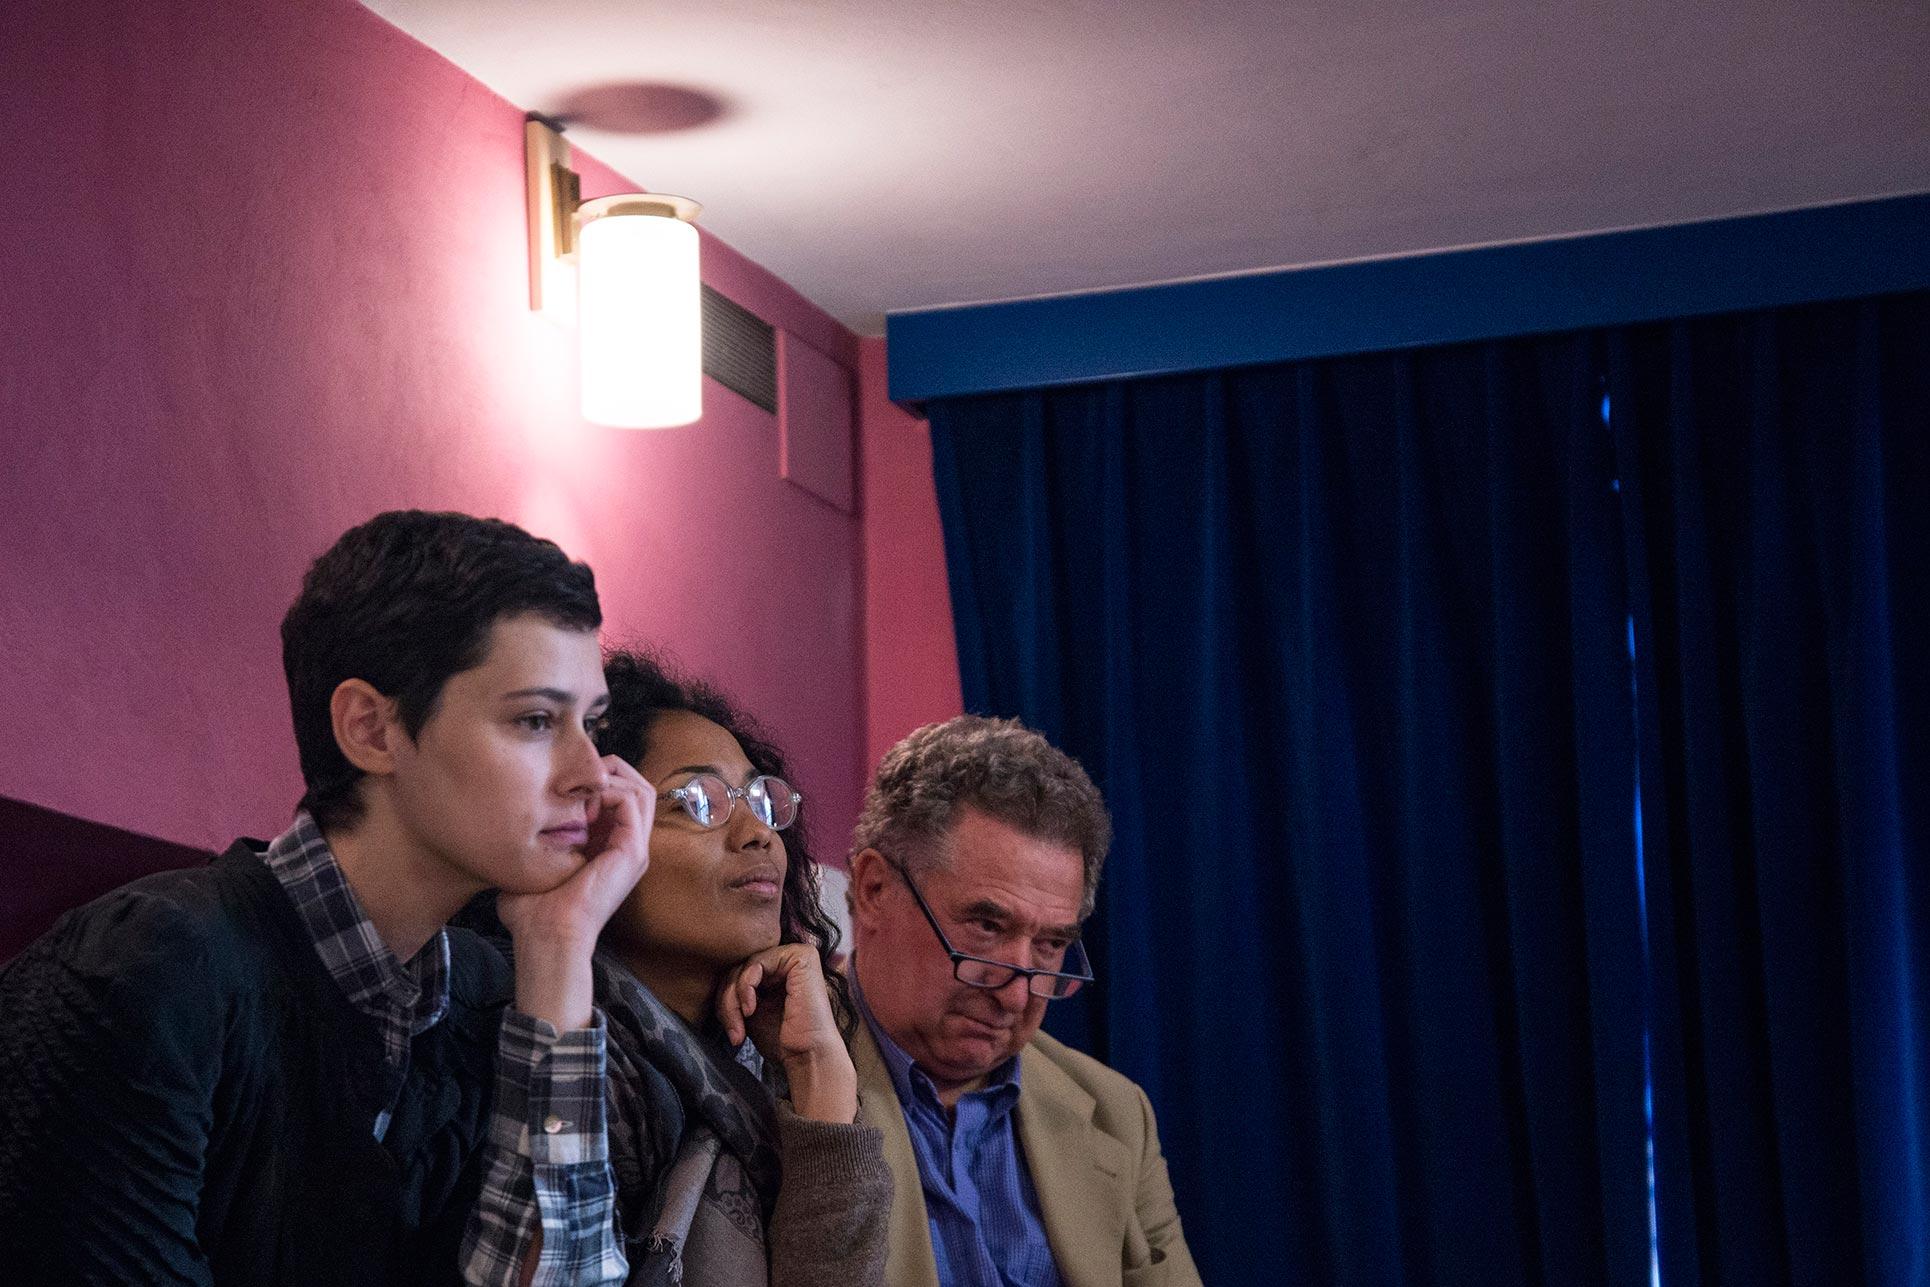 Giovanna Manzotti, Ana Pedroso, Guido Magnaguagno (Photo: Alessandro Ligato)